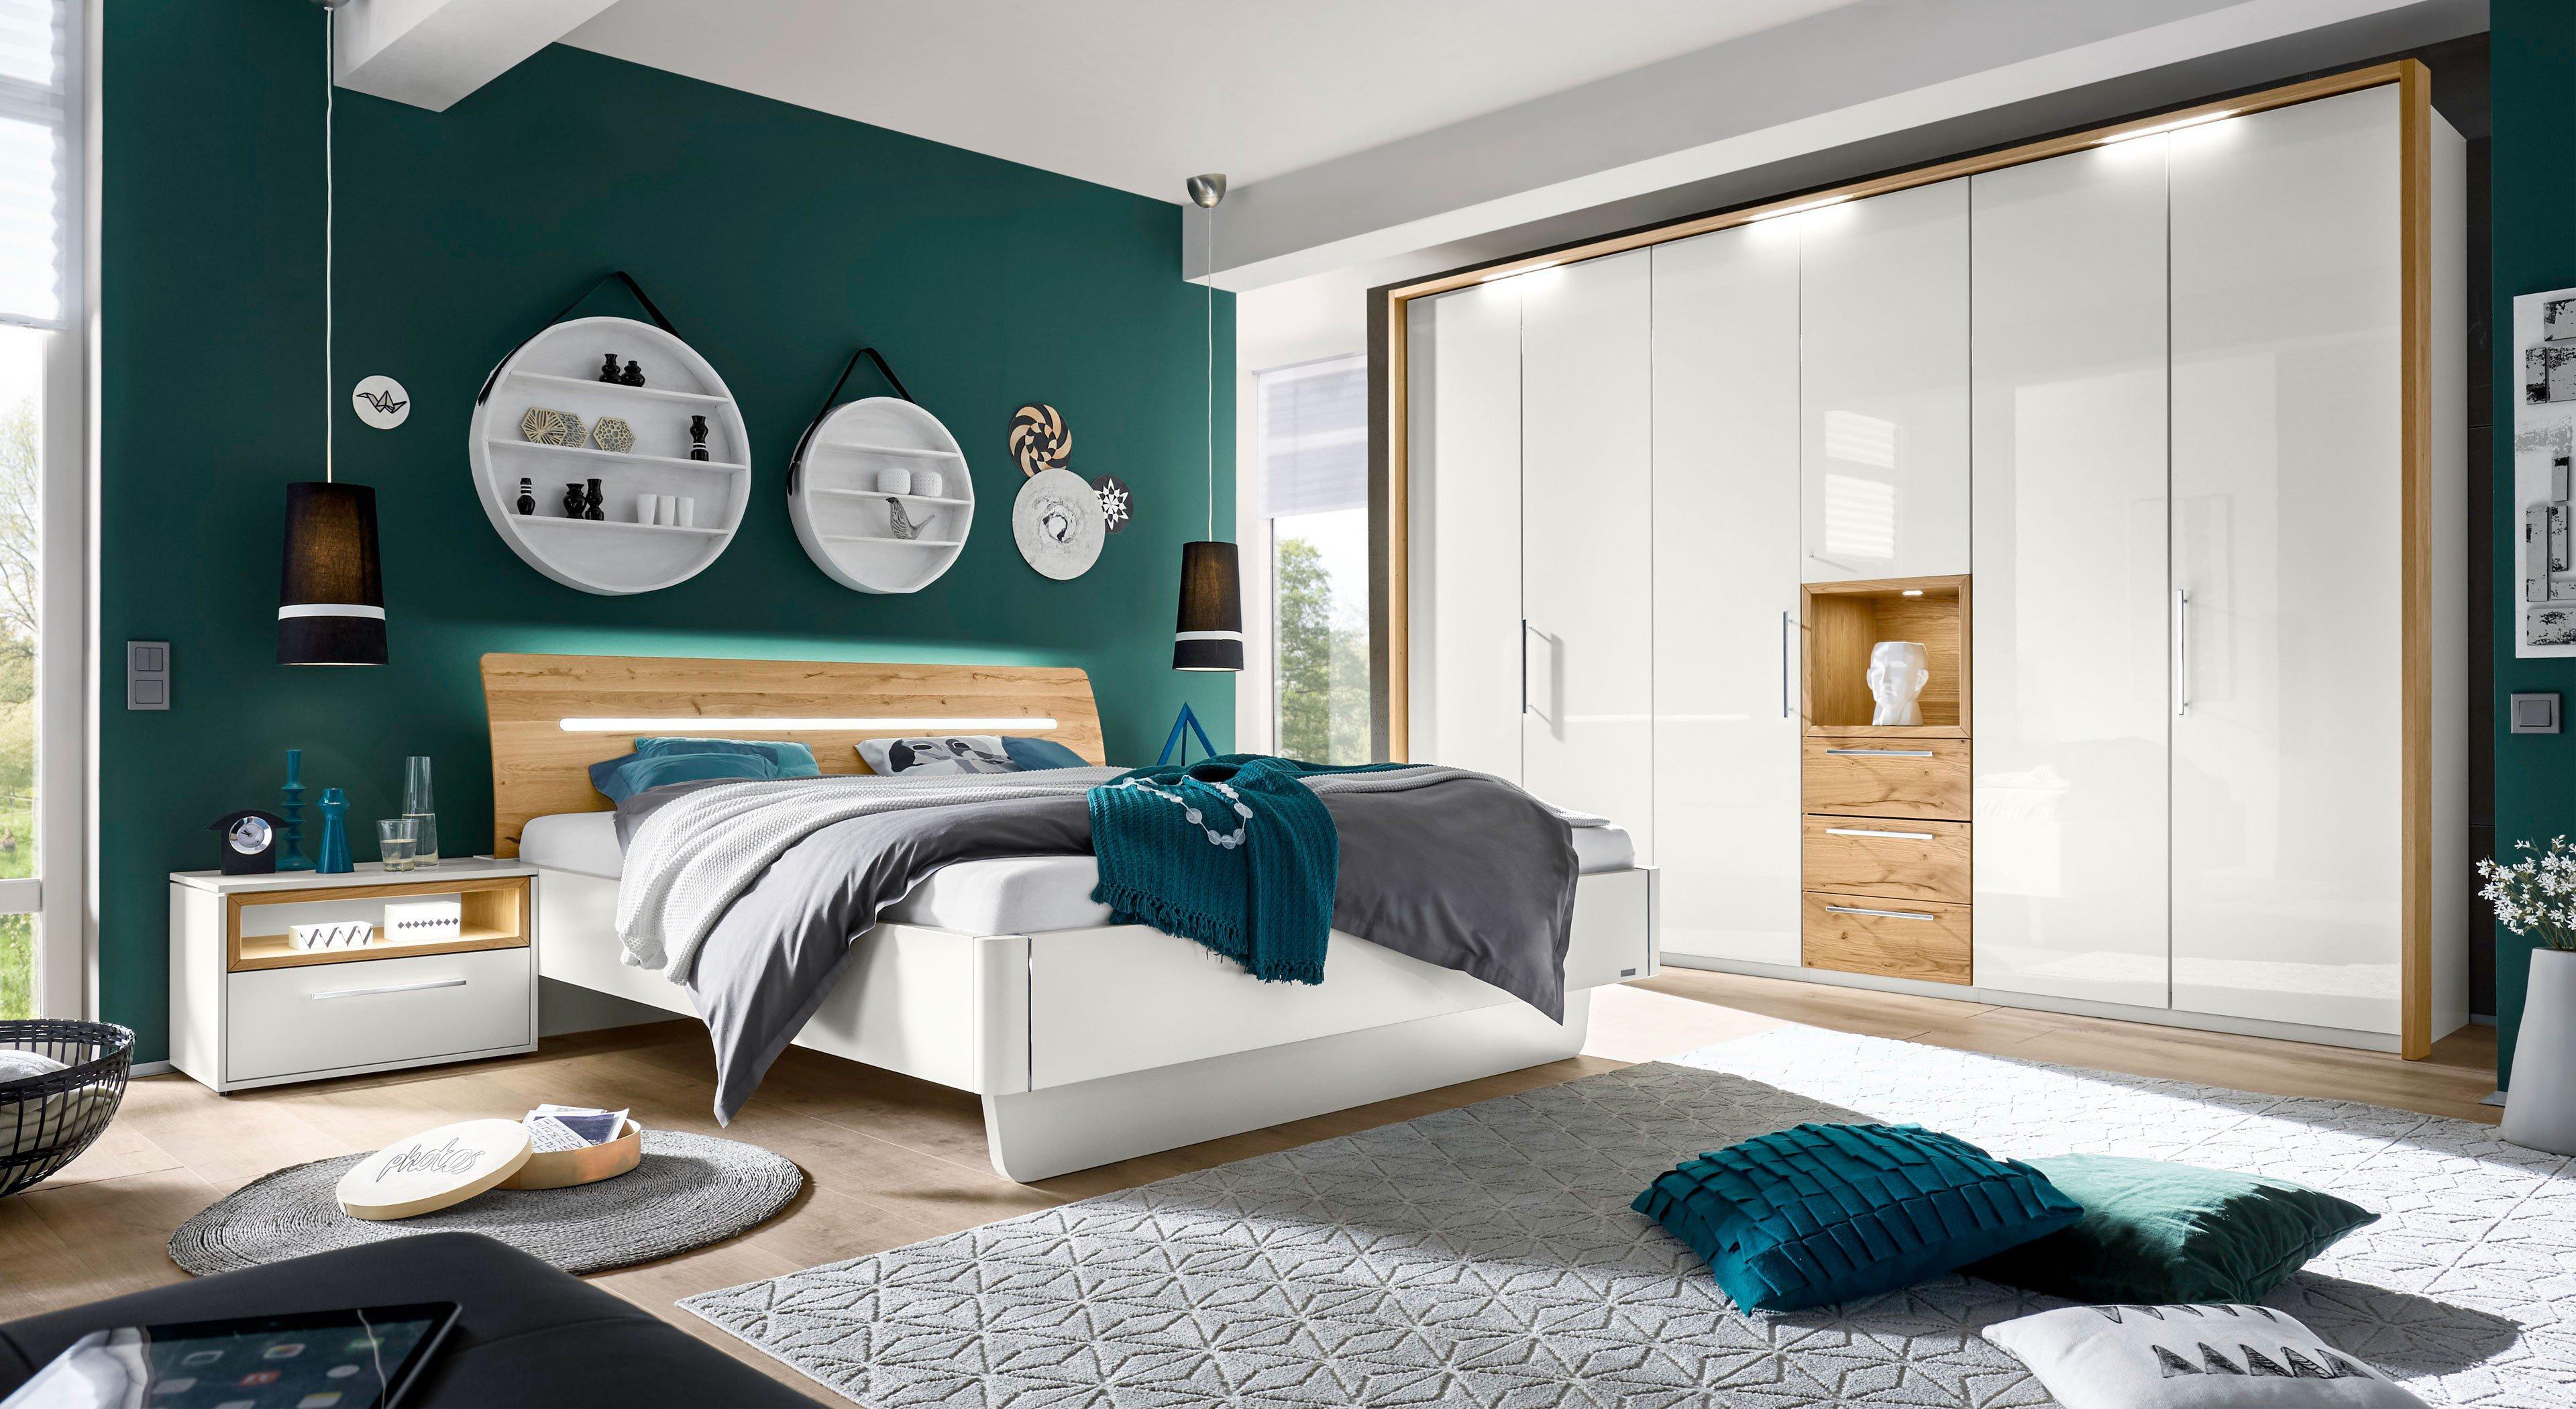 Loddenkemper schlafzimmer meo hochglanz eiche m bel letz ihr online shop - Schlafzimmer hochglanz ...